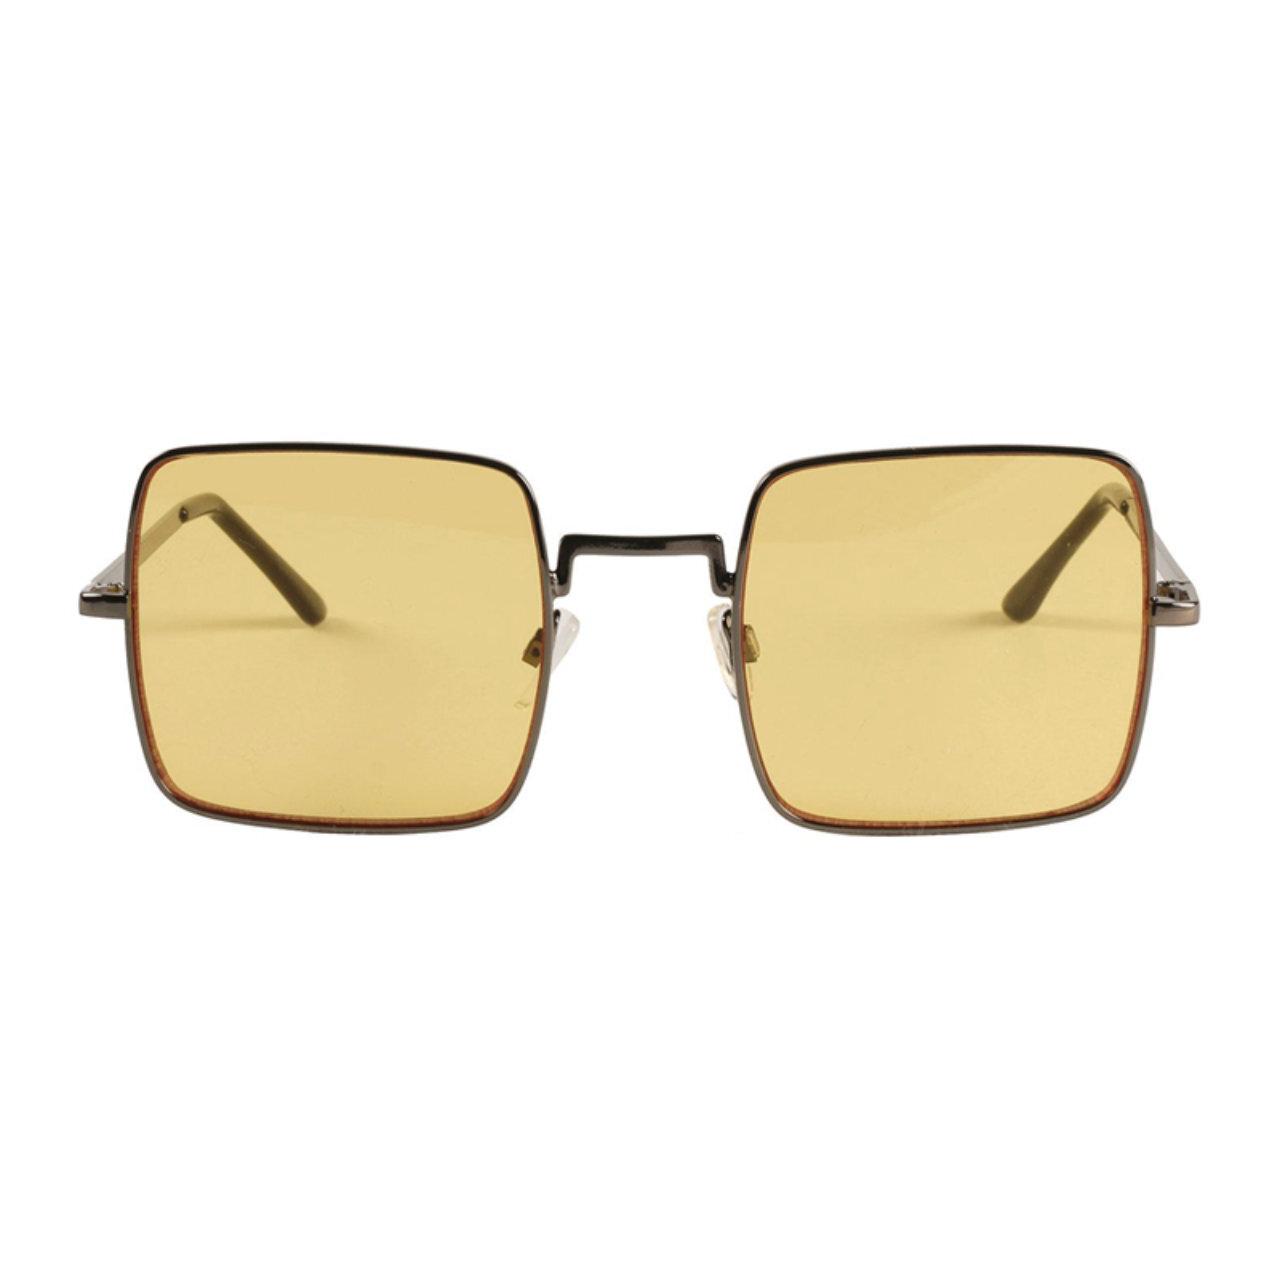 【MADCAP ENGLAND】 60sスタイル ハリスン スクエア サングラス 〈Yellow〉